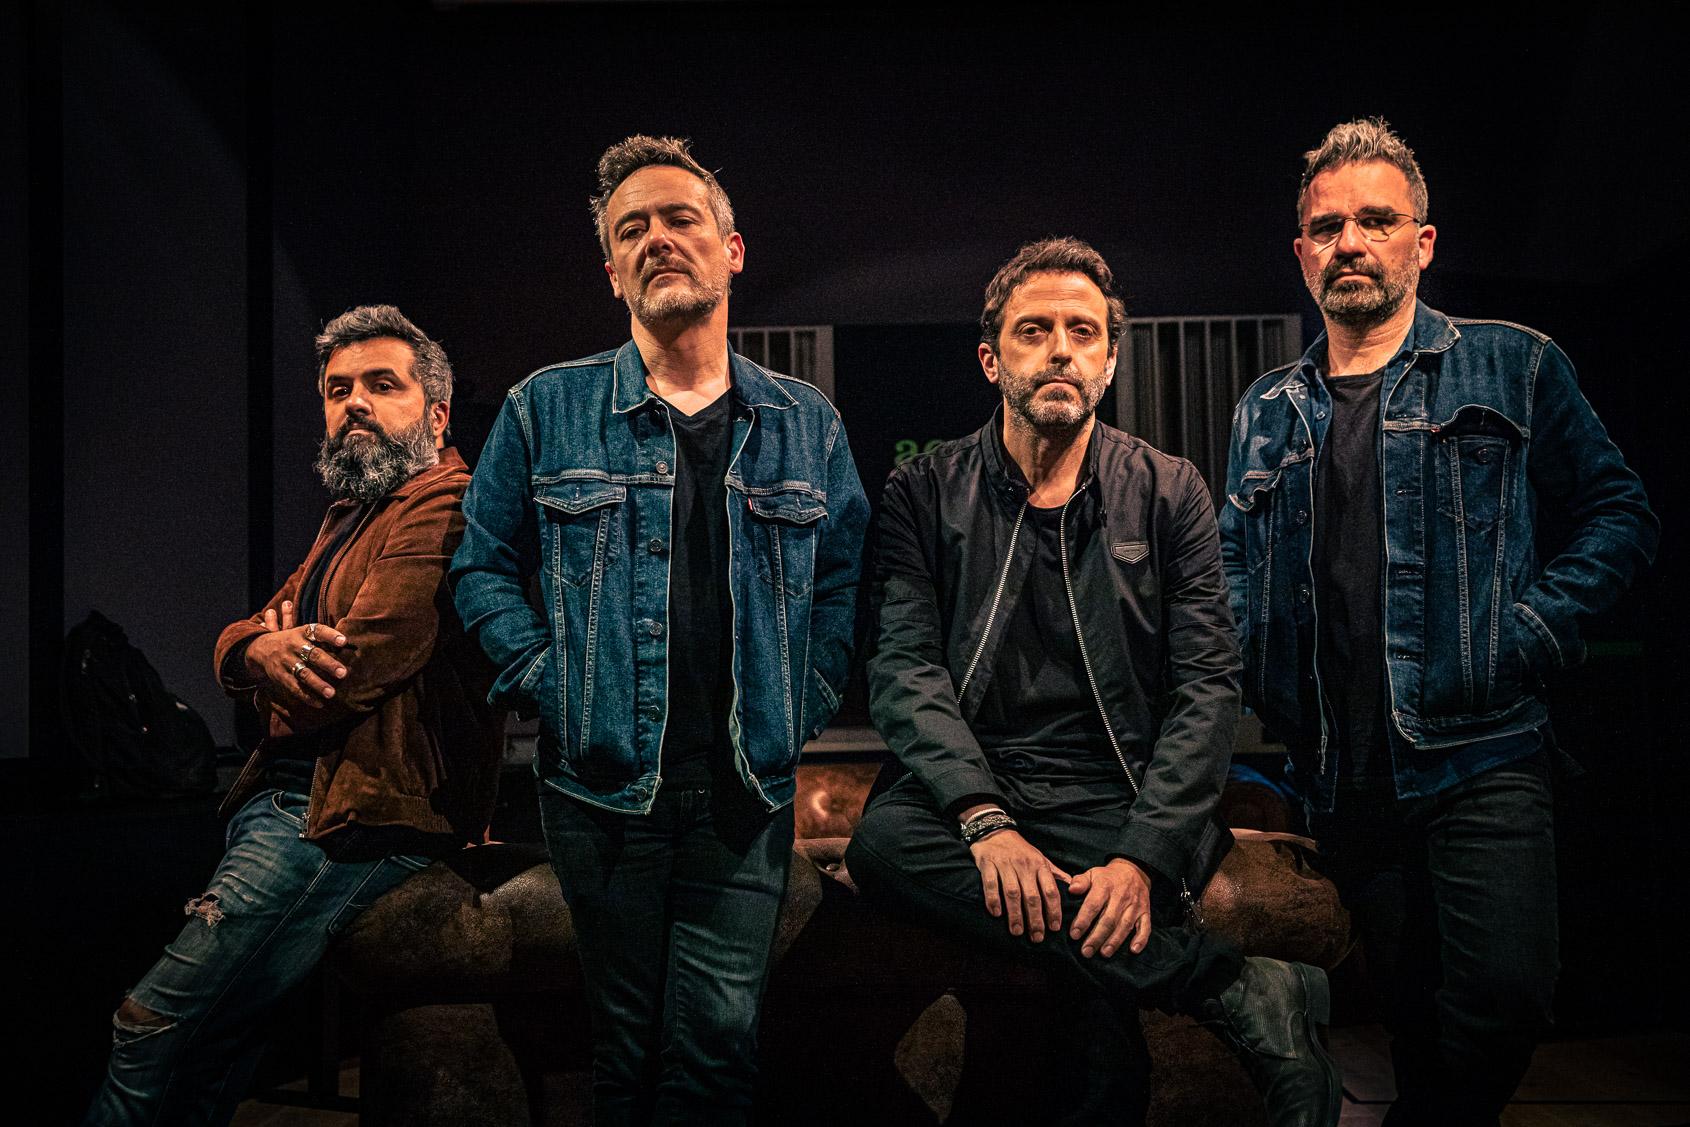 Els membres de Love of Lesbian. D'esquerra a dreta: Julián Saldarriaga (guitarra), Santi Balmes (veu), Oriol Bonet (bateria) i Jordi Roig (guitarra) | JORDI BORRÀS